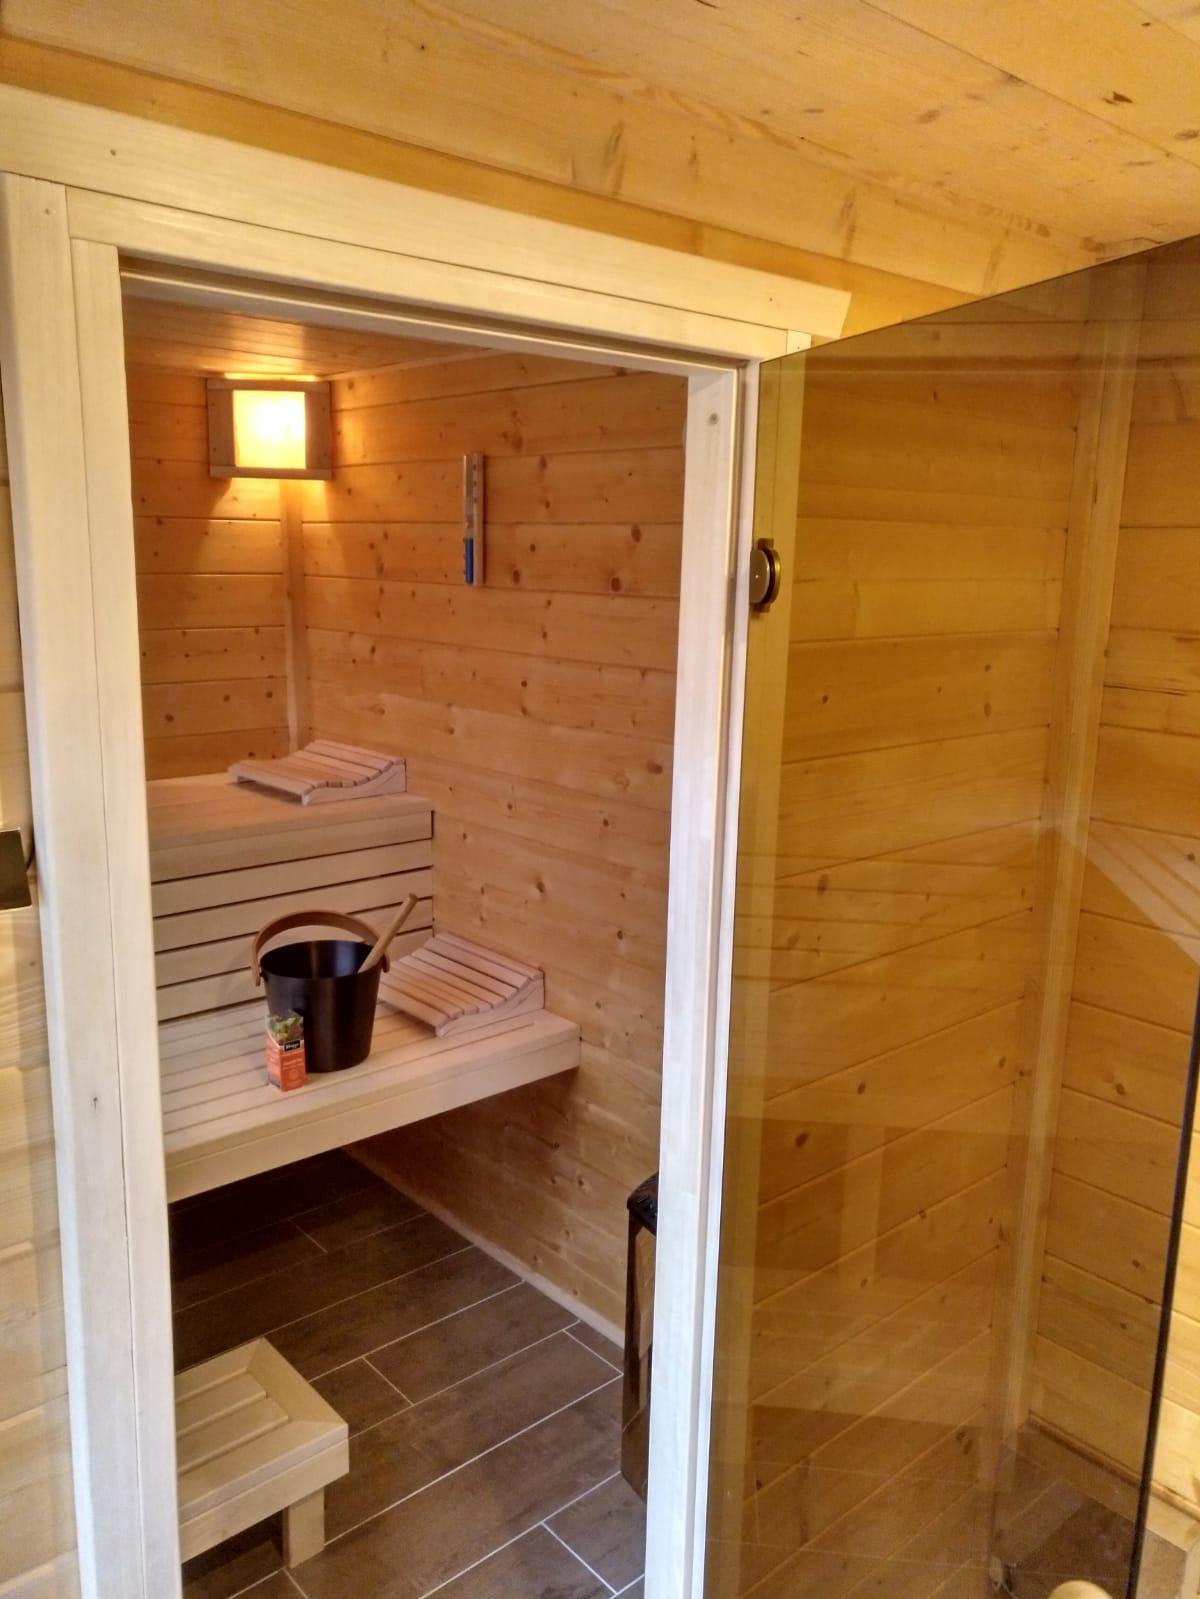 Full Size of Eigenbau Auensauna Mein Plan Wohnzimmer Außensauna Wandaufbau